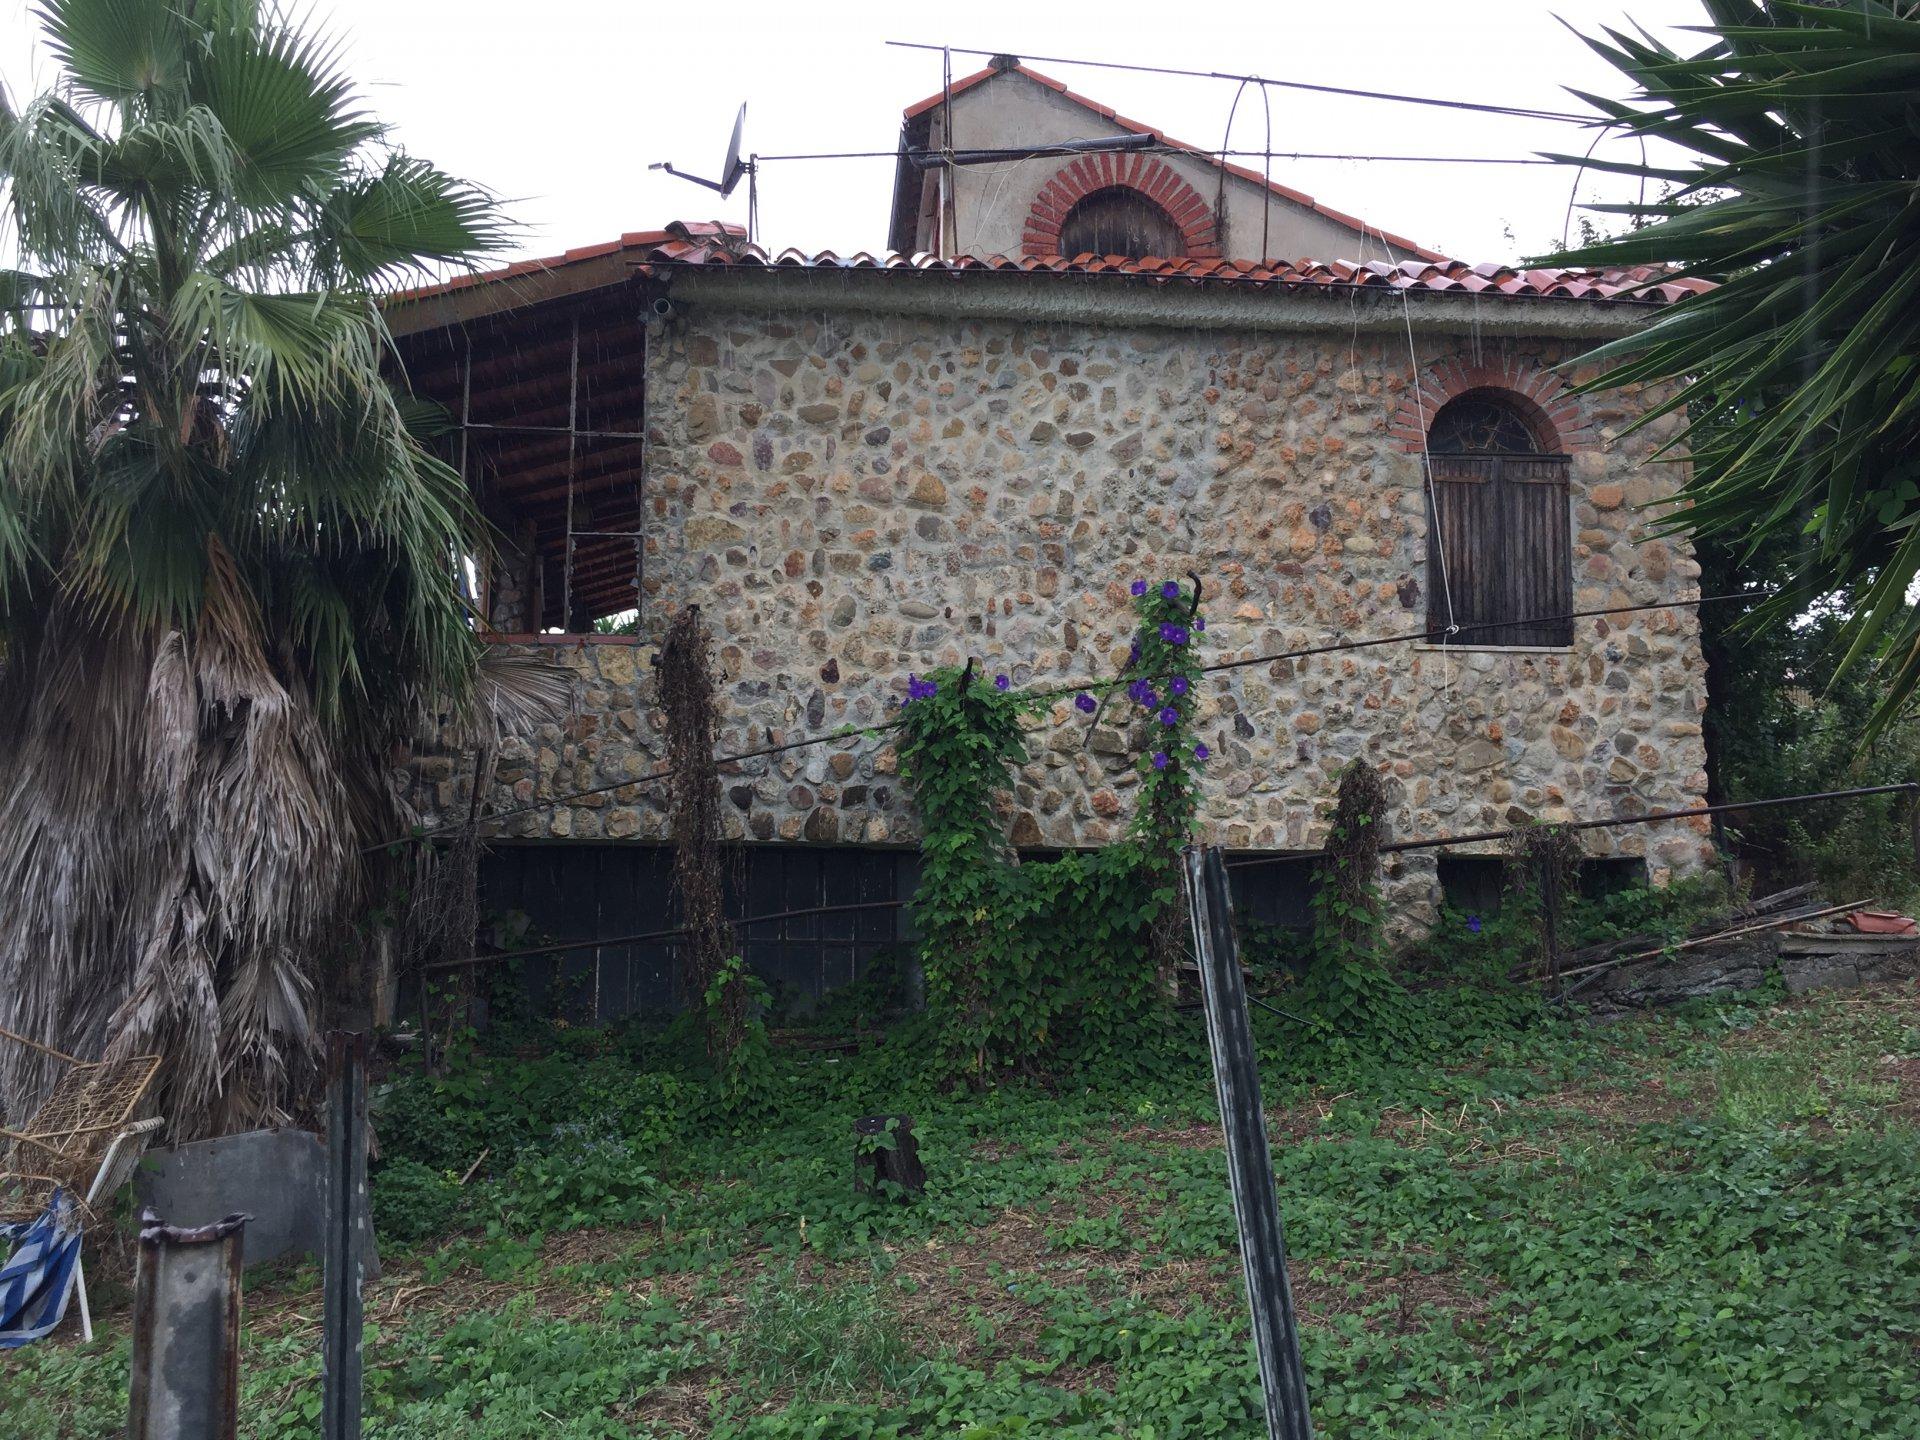 Maison A Renover Italie vente maison - vintimille (ventimiglia) ville - italie ville